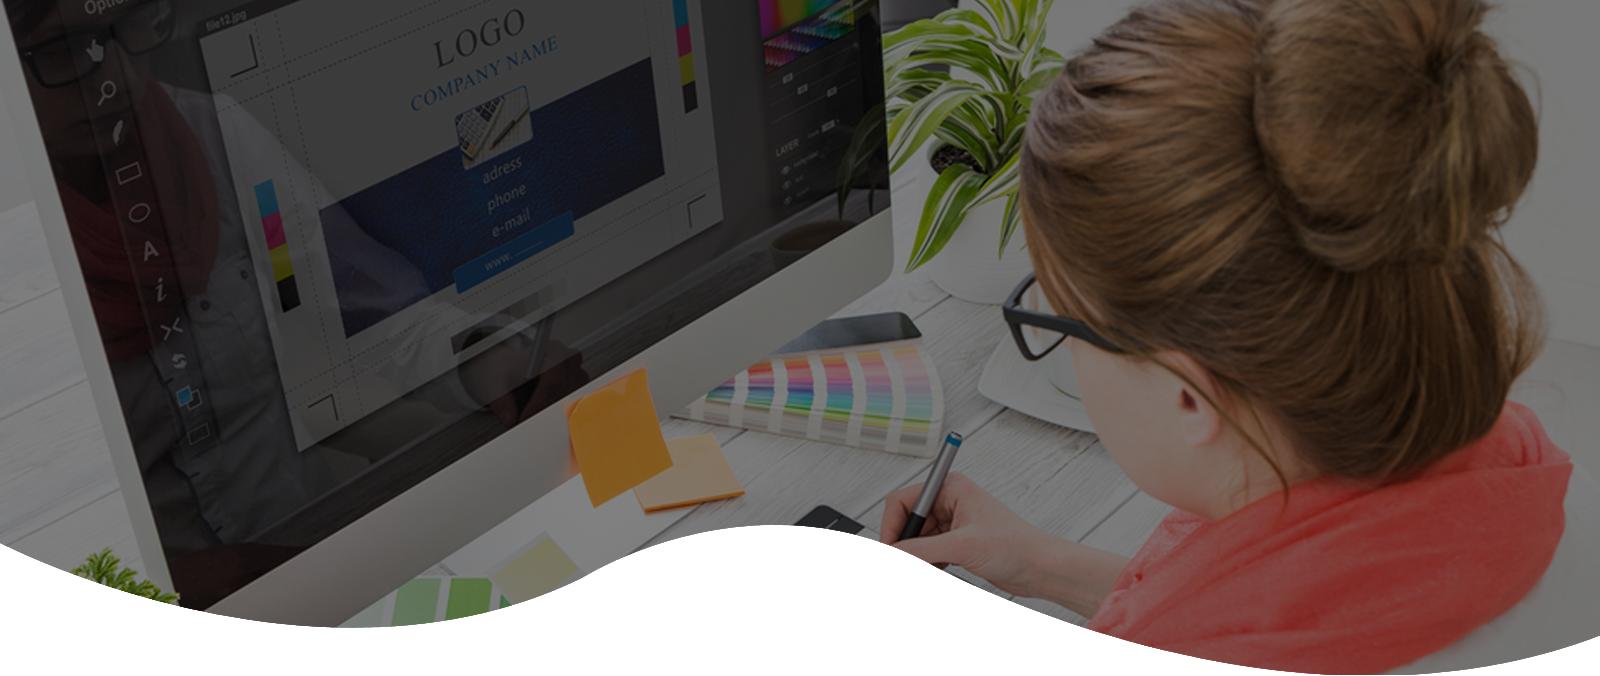 logo-design-services - digics.com.pk